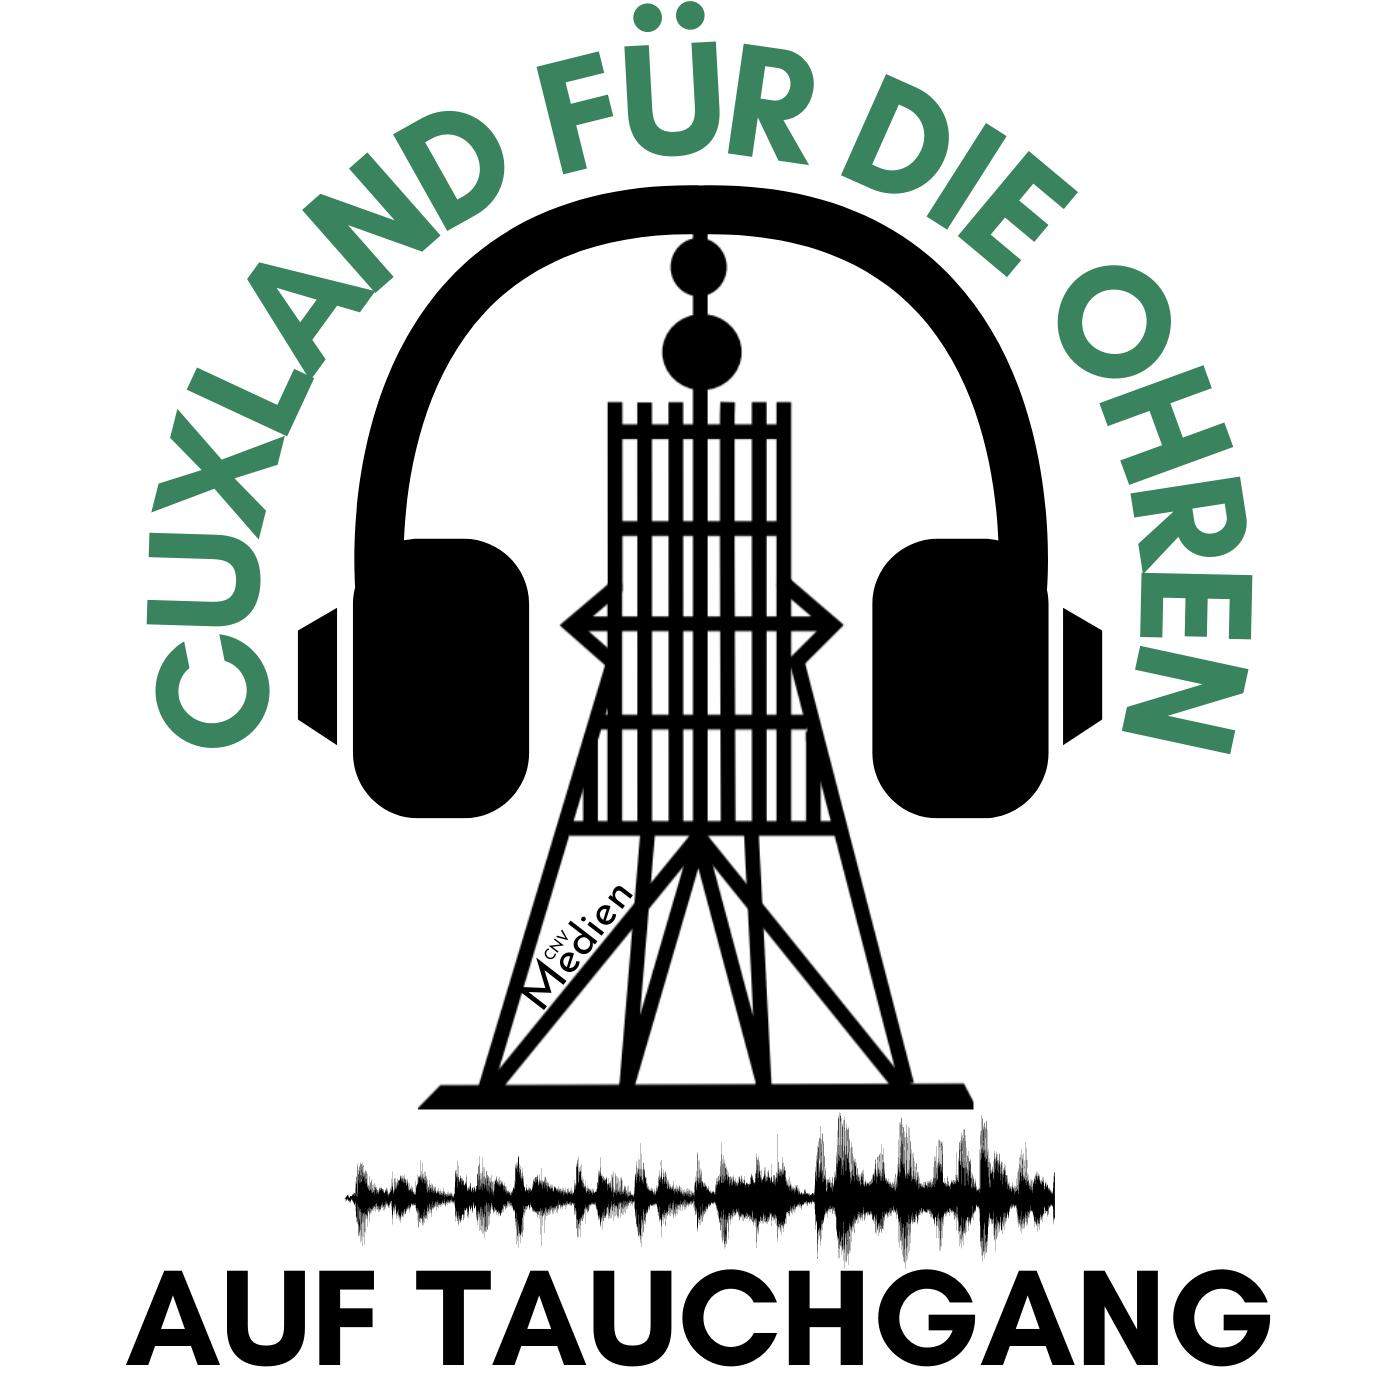 Als Frau auf dem Bock: Wattwagen-Fahrerin Tina Fock im Cux-Schnack